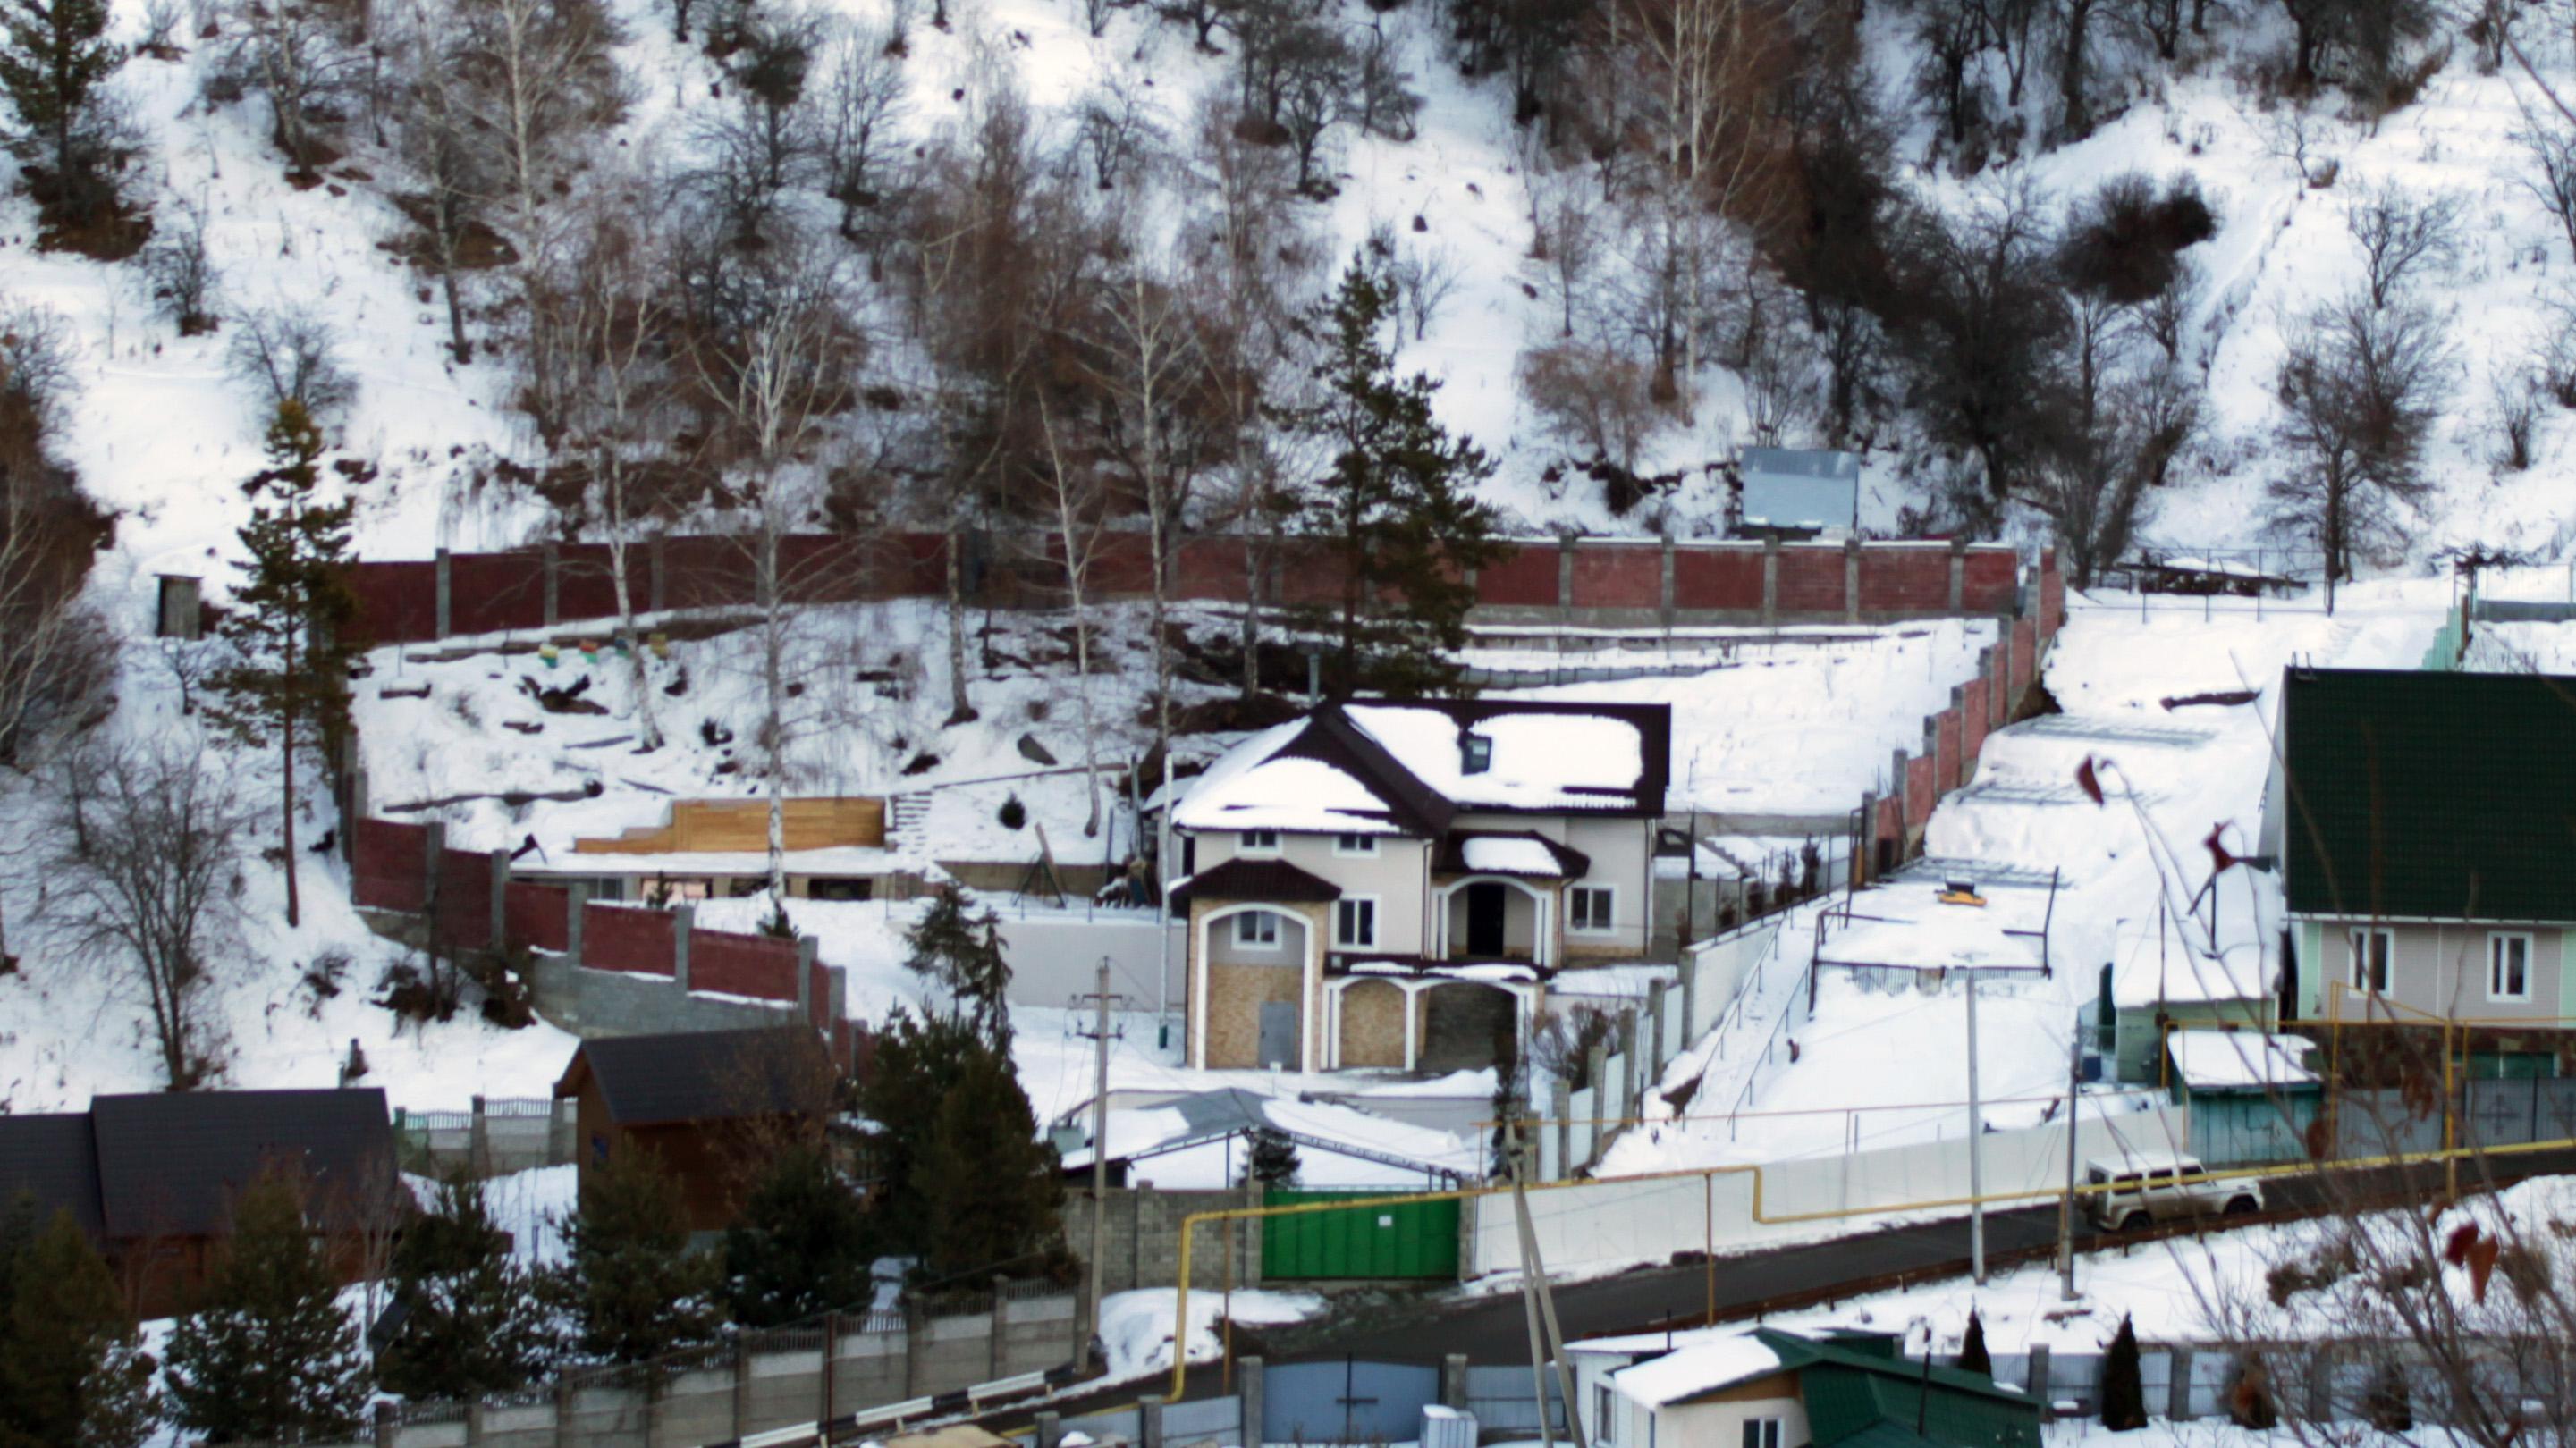 Изображение для проекта Проект гостевого комплекса в горном ущелье близ Алматы 3259